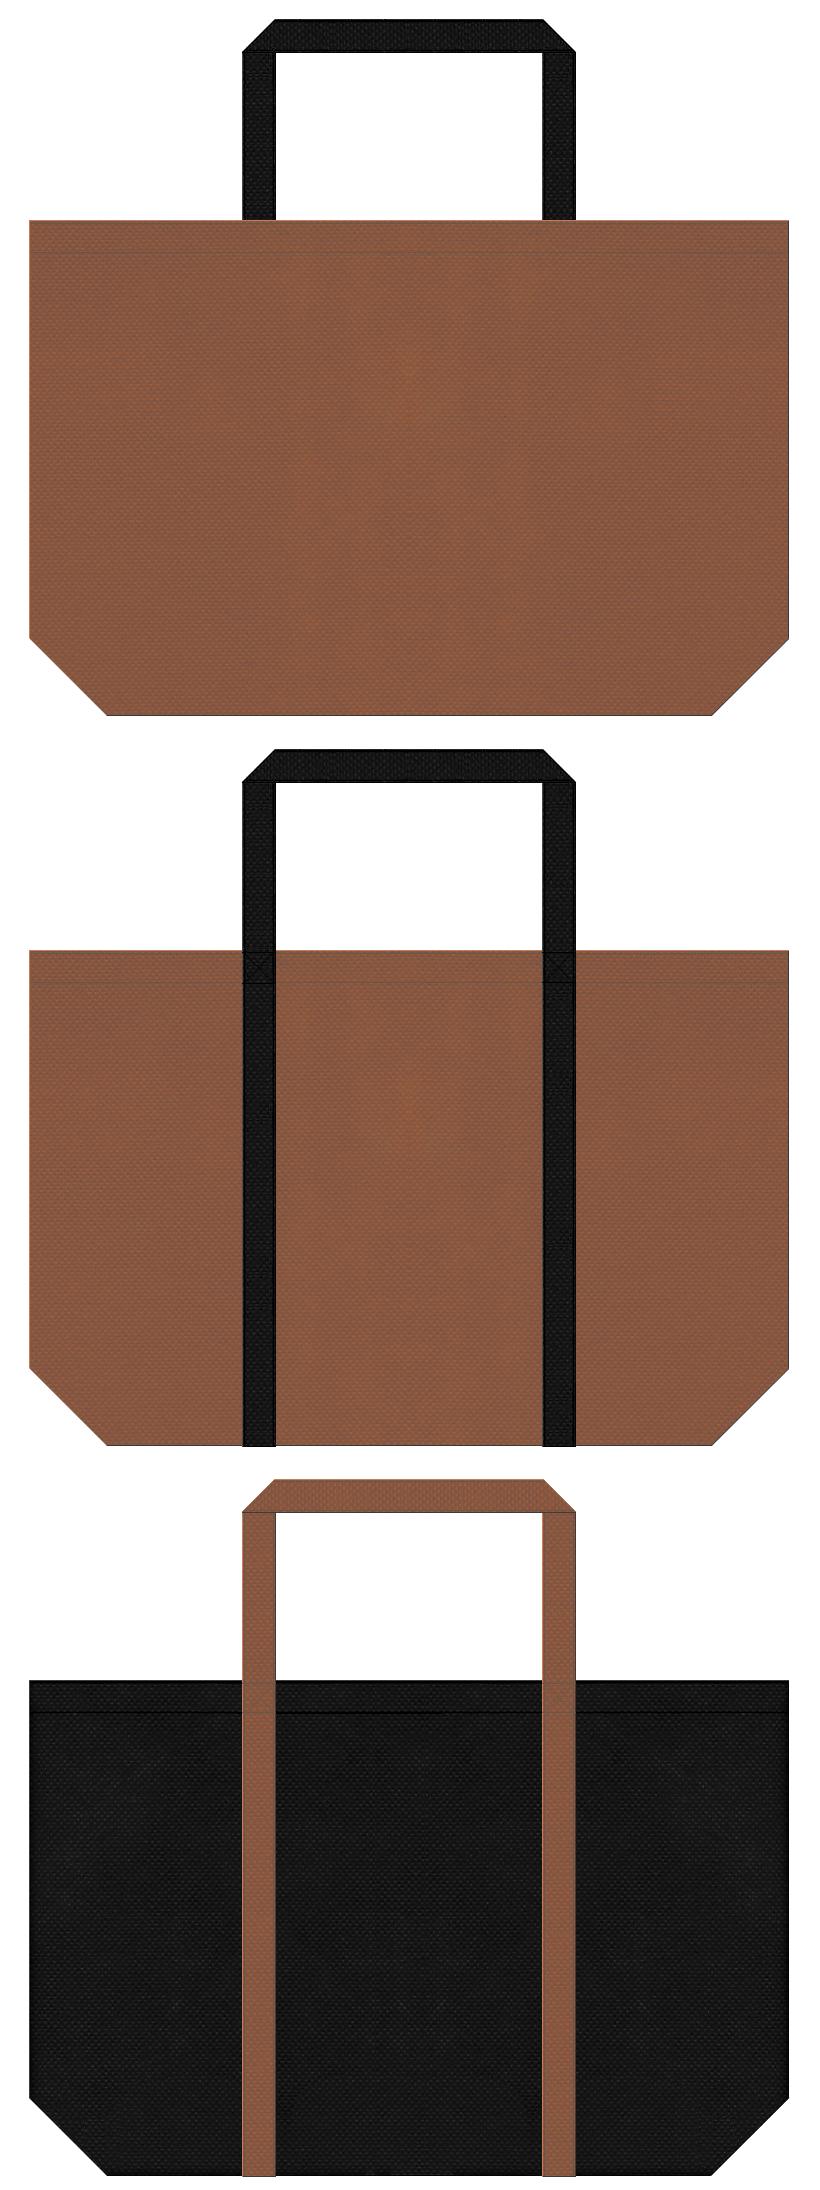 茶色と黒色の不織布バッグデザイン。お城イベントのノベルティにお奨めです。